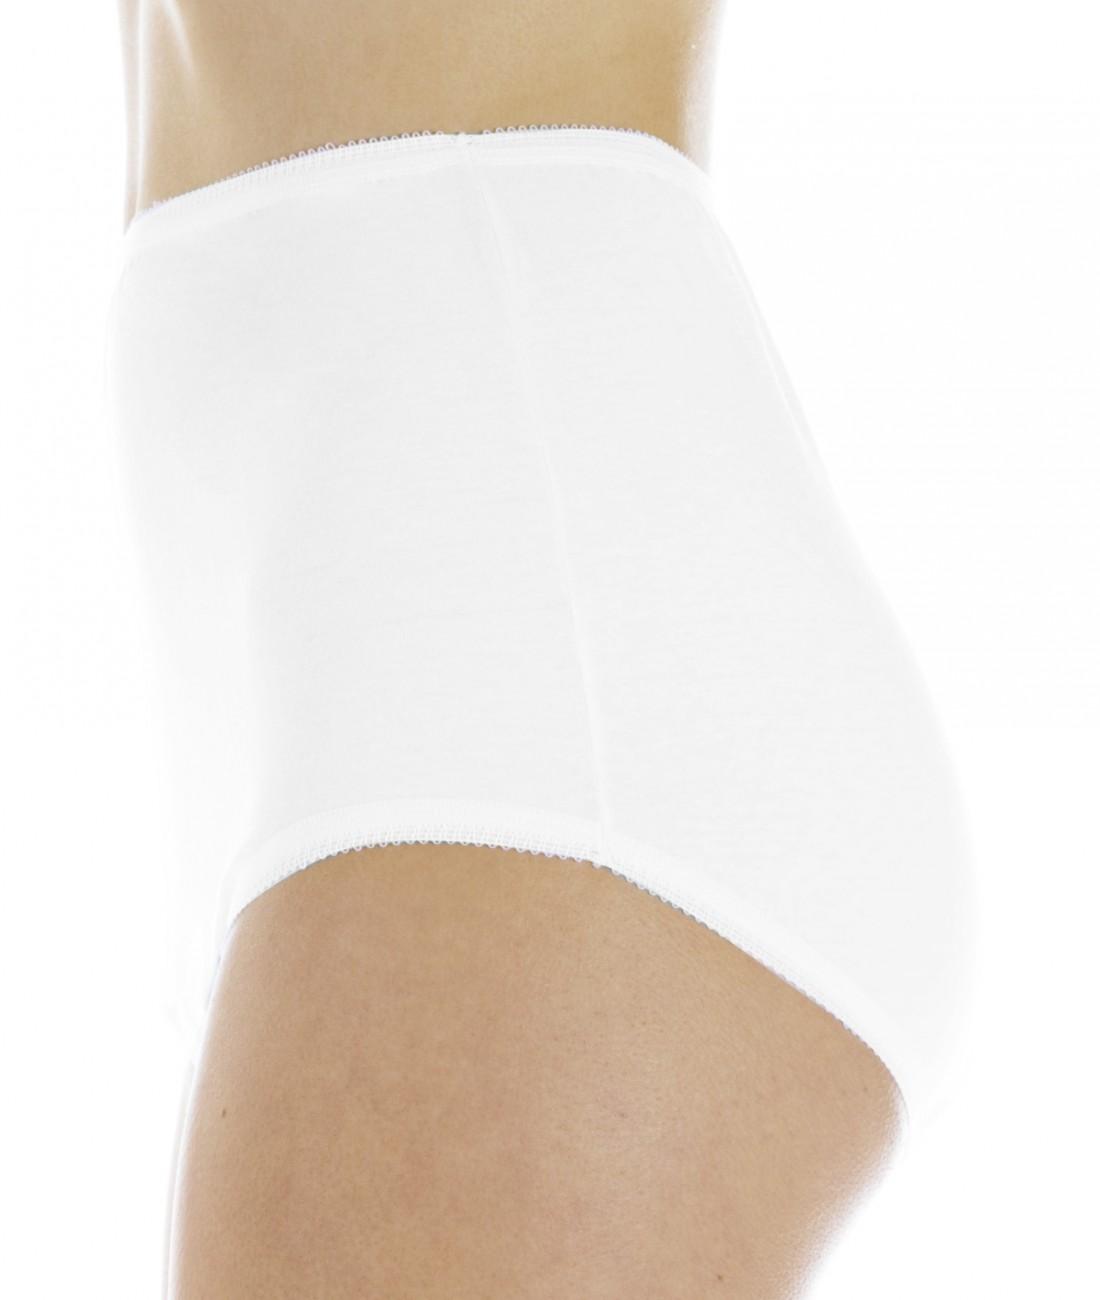 62edbd644f6d Cotton Comfort Panties - Wearever L100 - Regular Absorbency